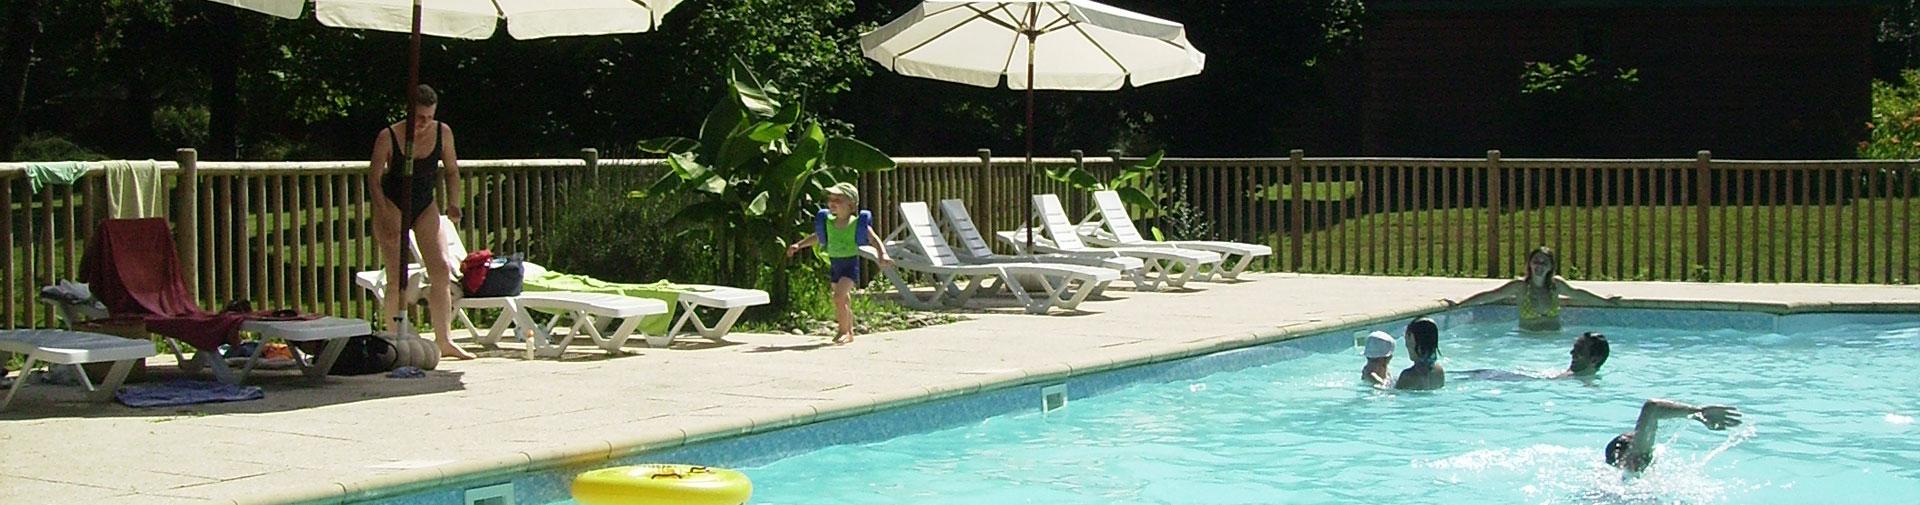 piscine-chalet-vallee-de-la-dordogne